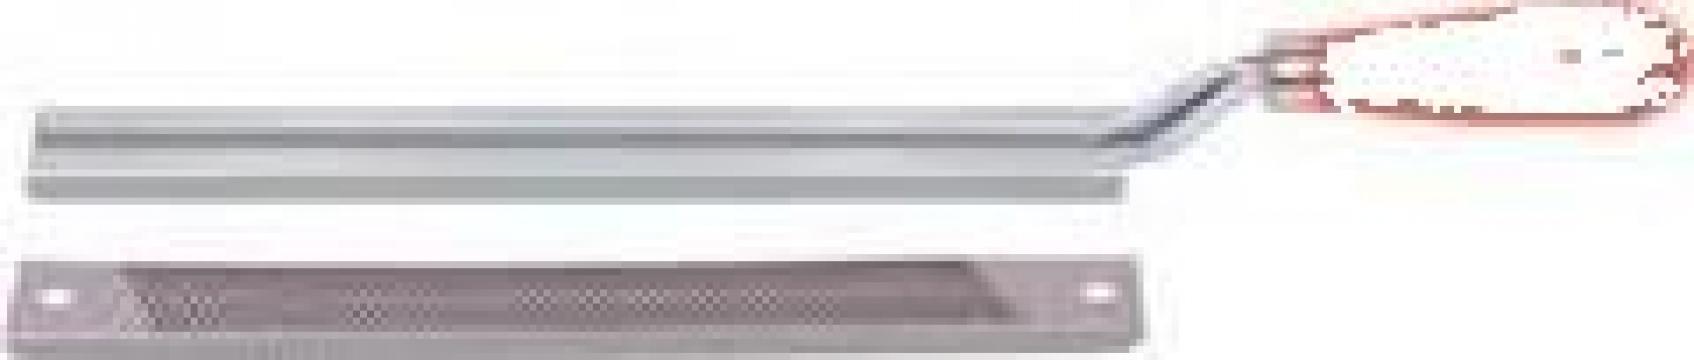 Rindea universala de frezat si pilit 5025-010 de la Nascom Invest